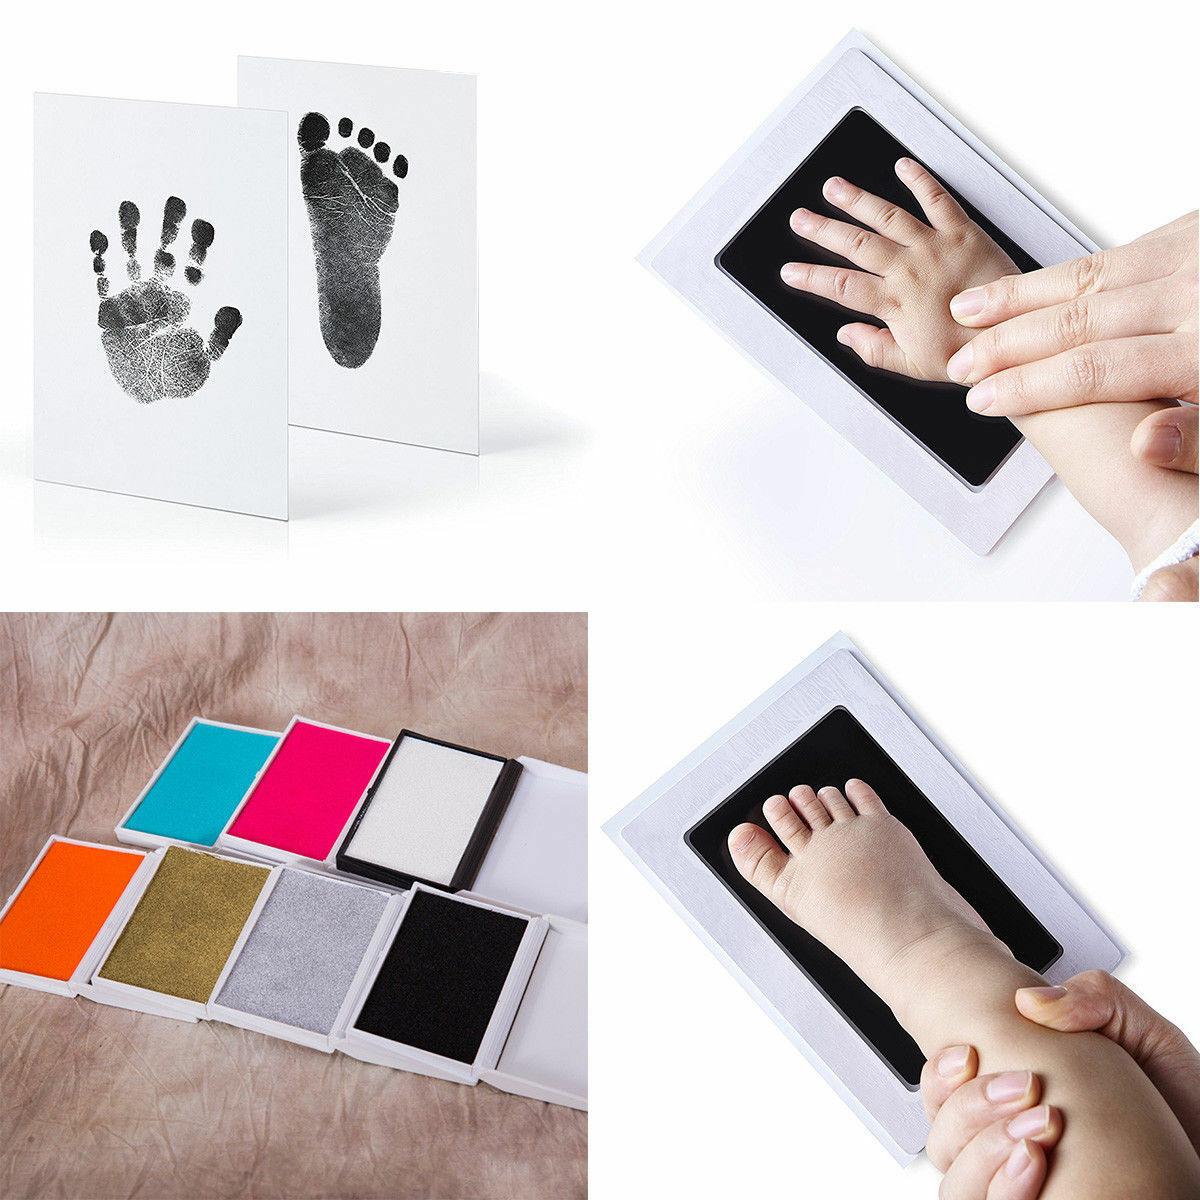 2020 г., детская подушка для отпечатков пальцев, подушка для отпечатков пальцев, водяные знаки для младенцев, сувениры, литье глины, Нетоксична...